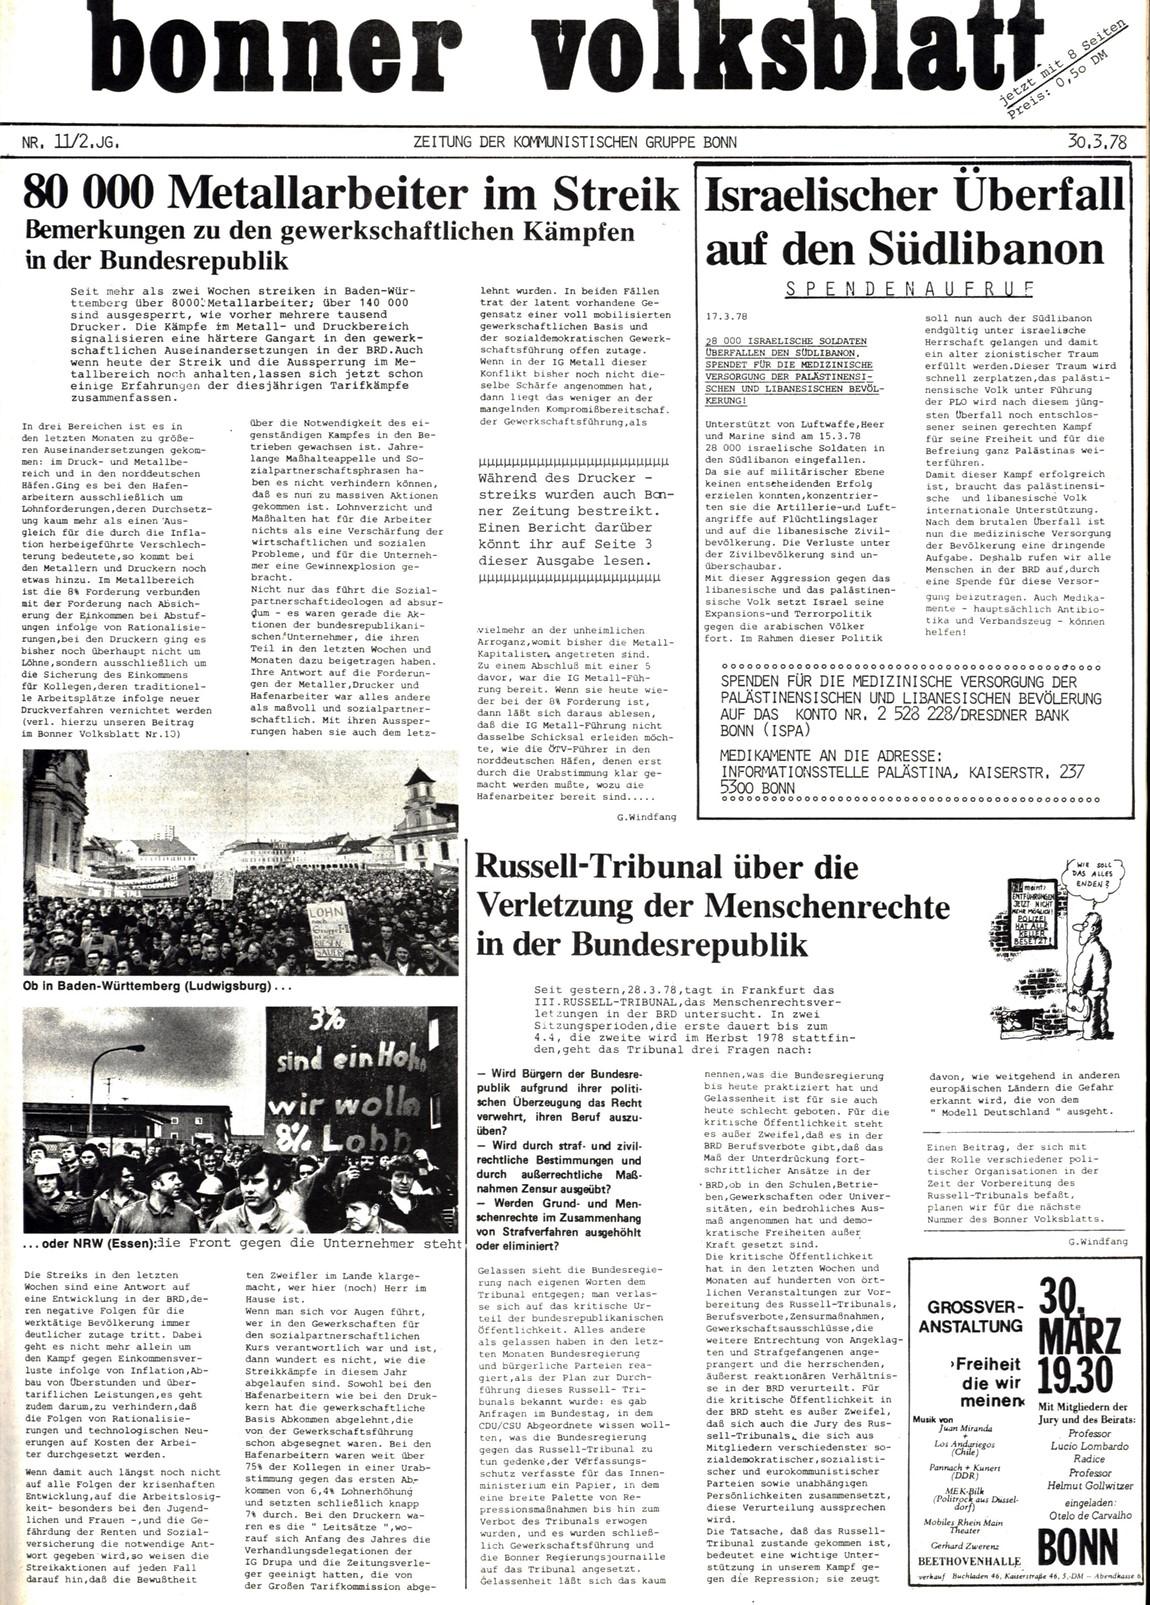 Bonner_Volksblatt_11_19780330_01